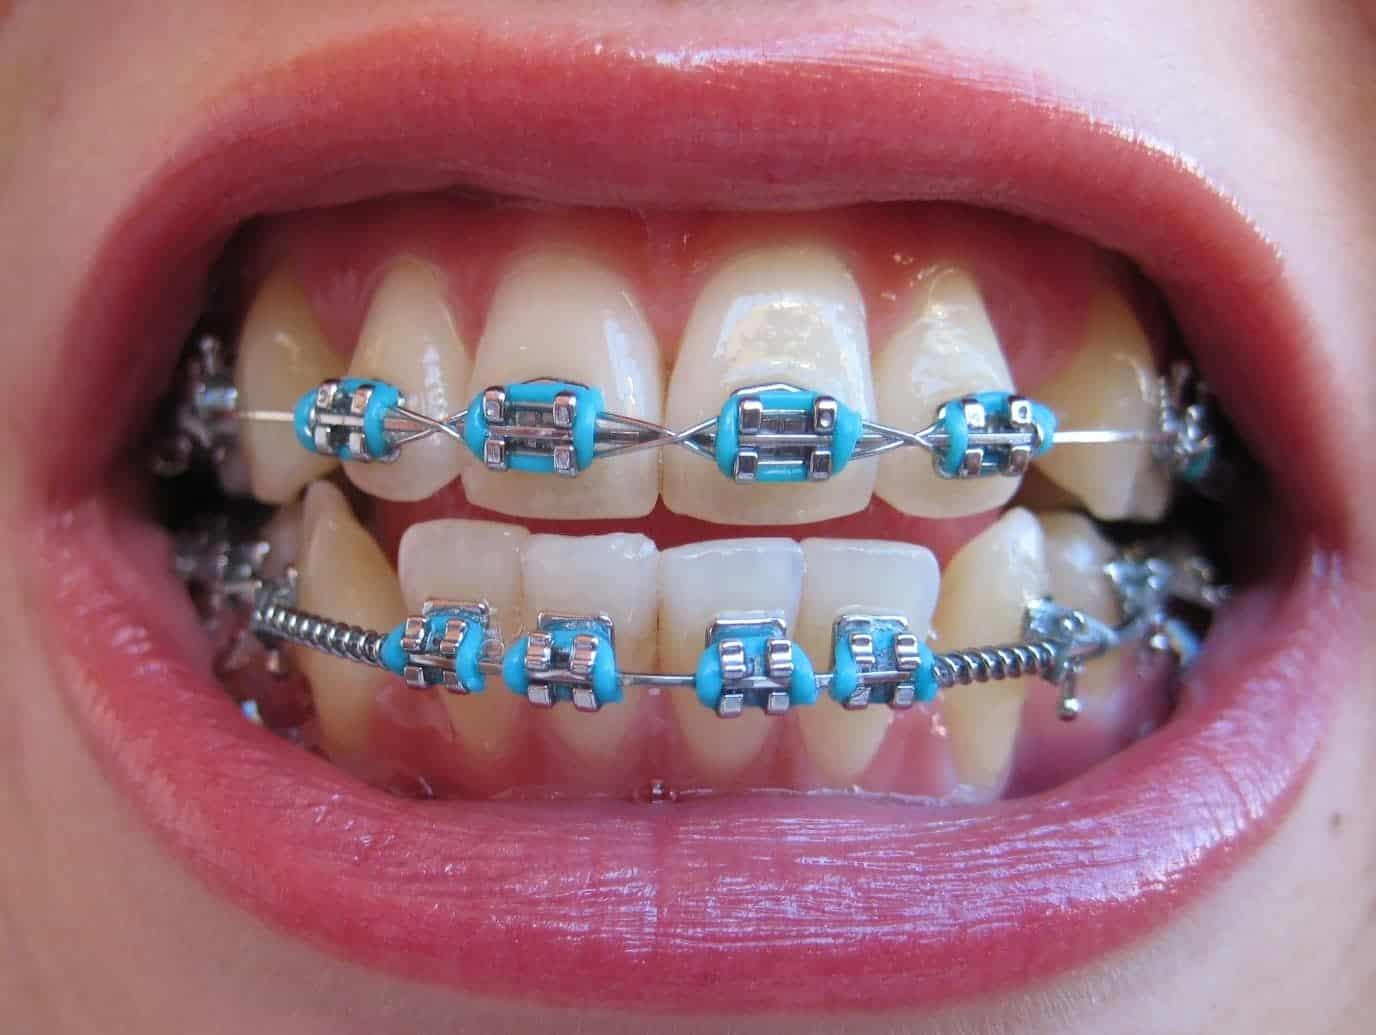 15 Sorrisos Que Se Transformaram Depois Do Aparelho Ortodontico